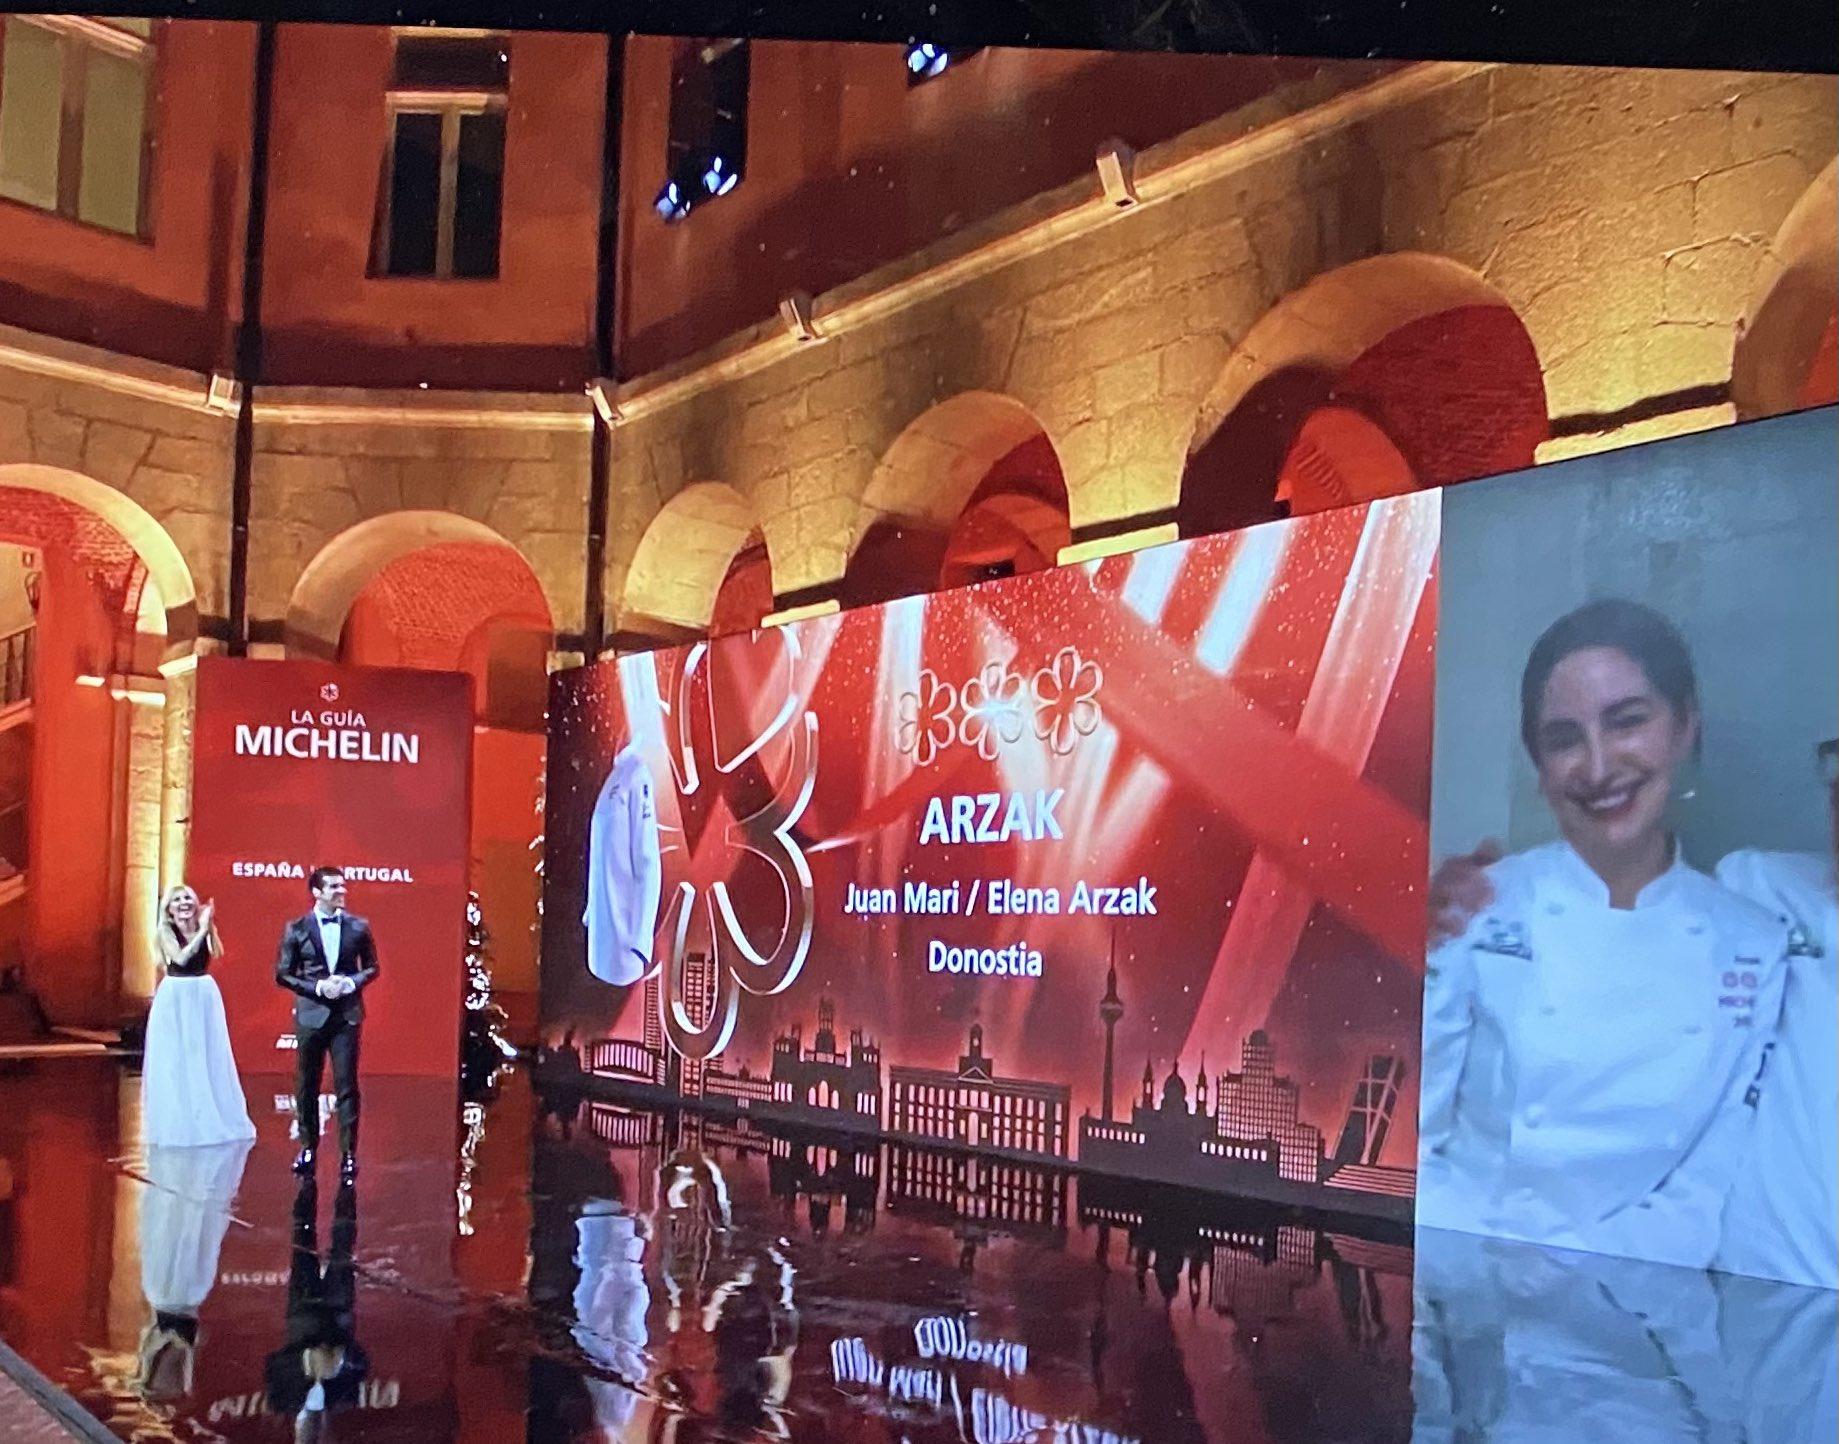 Gala de las Estrellas Michelin esta noche en Madrid. Foto vía twitter (Arzak)